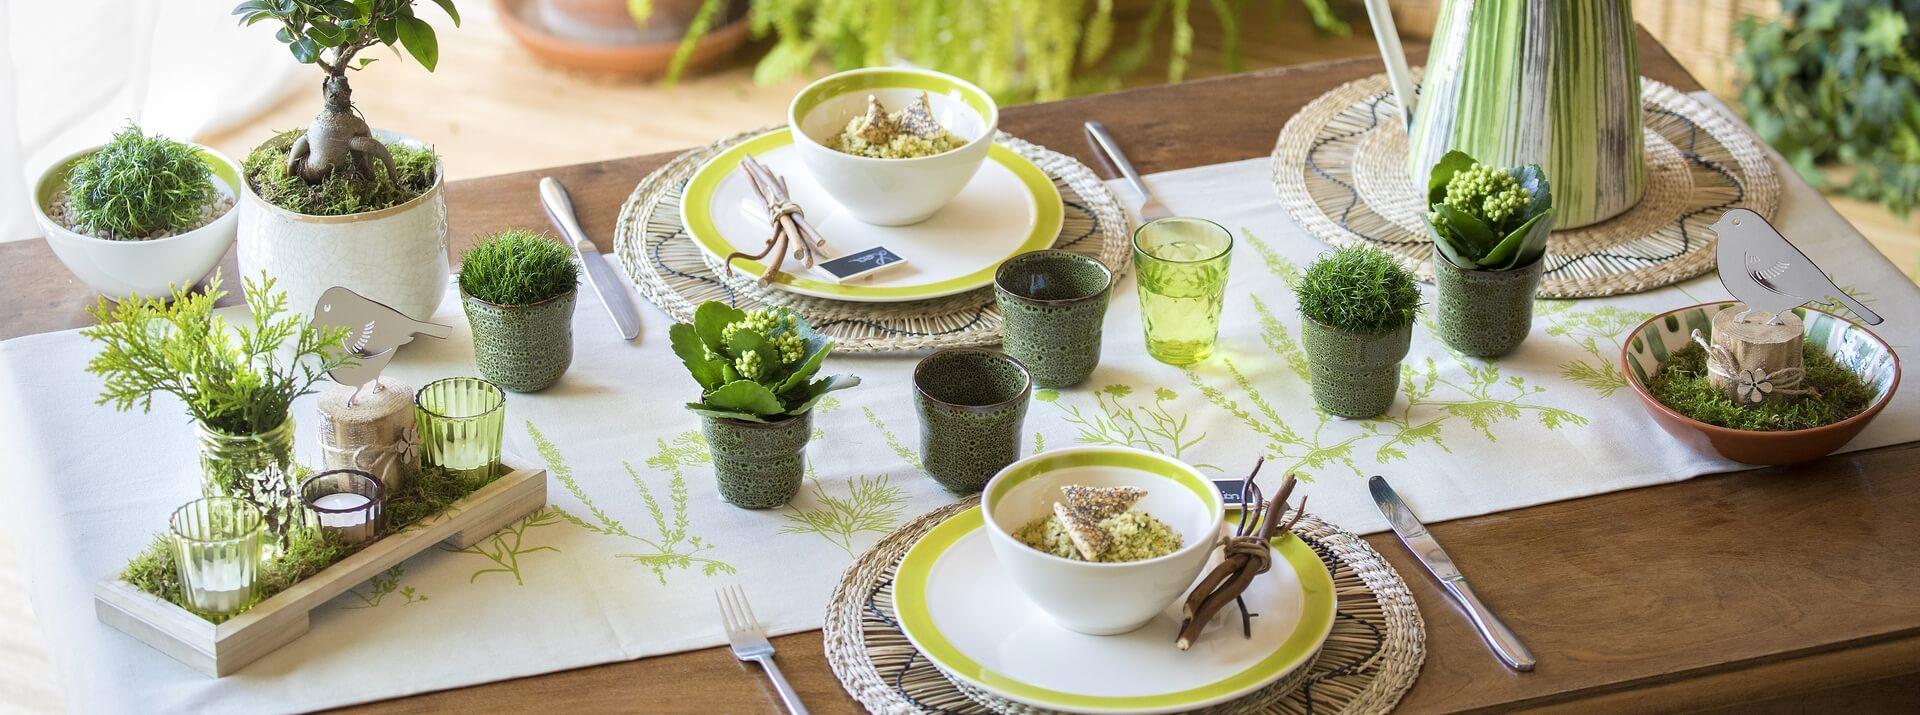 Sets de table et serviettes